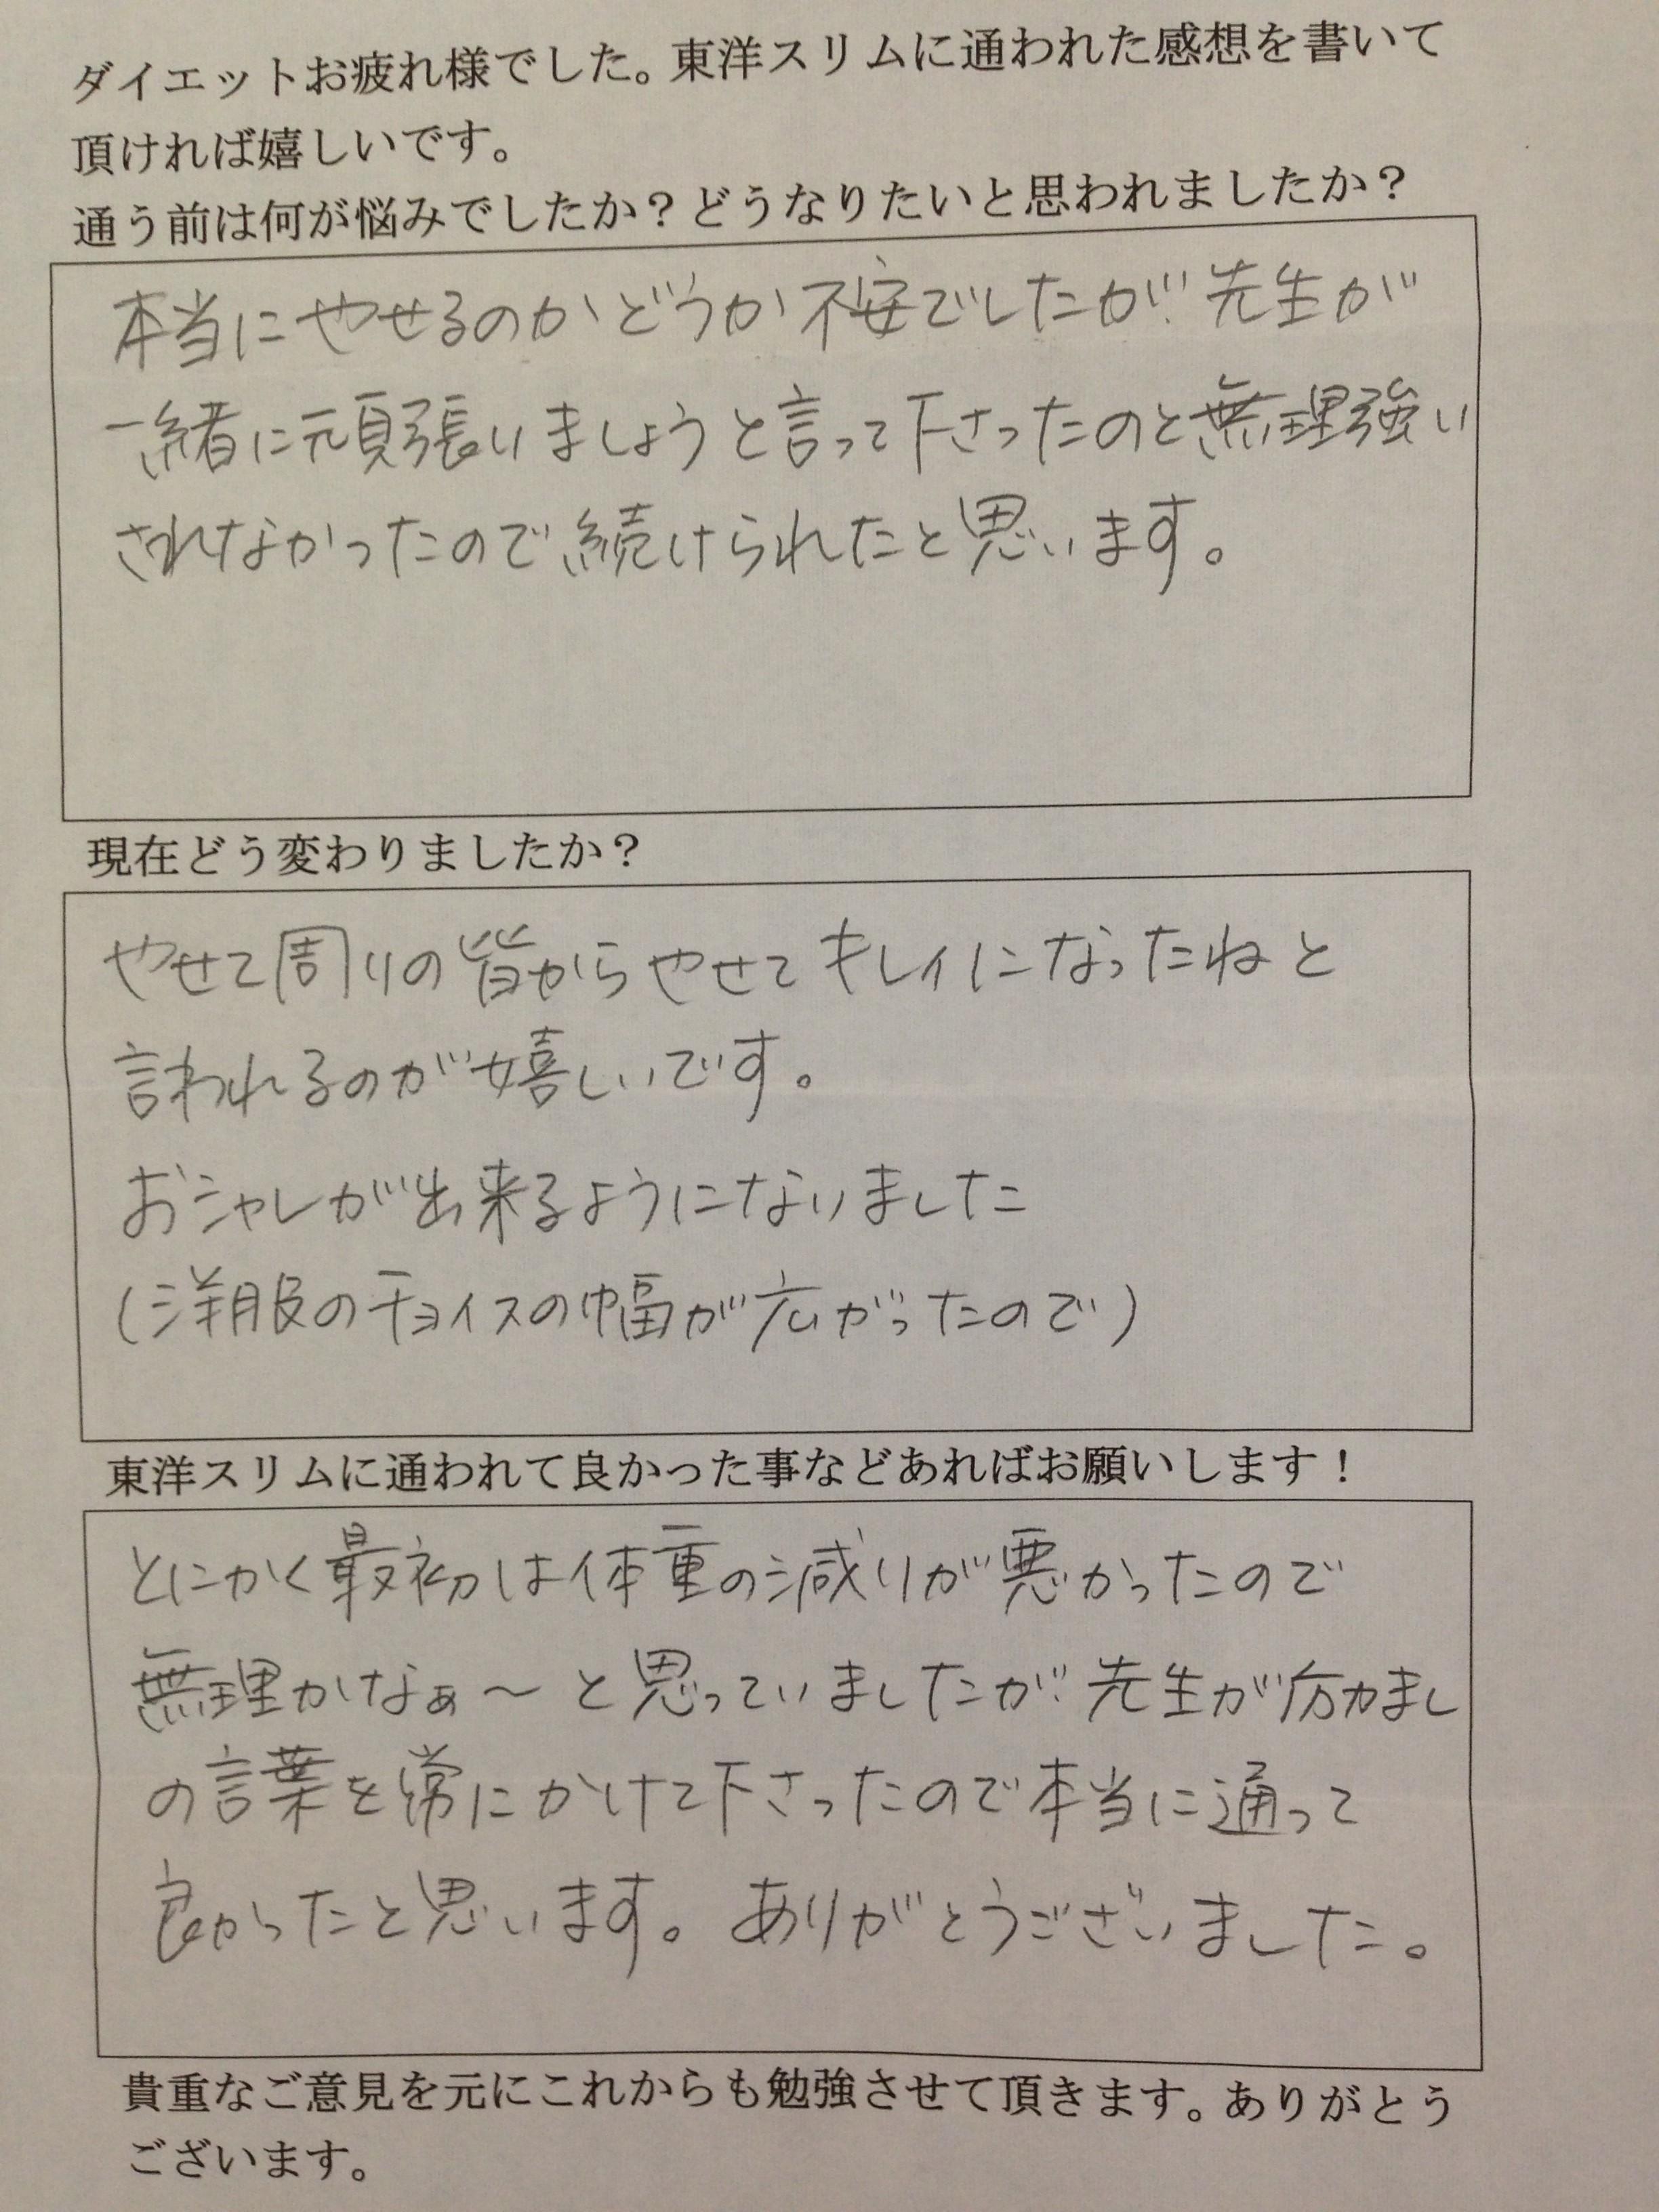 堺市Oさん(50歳)耳ツボダイエットで18.3kgのダイエット成功。「おしゃれができるようになりました」